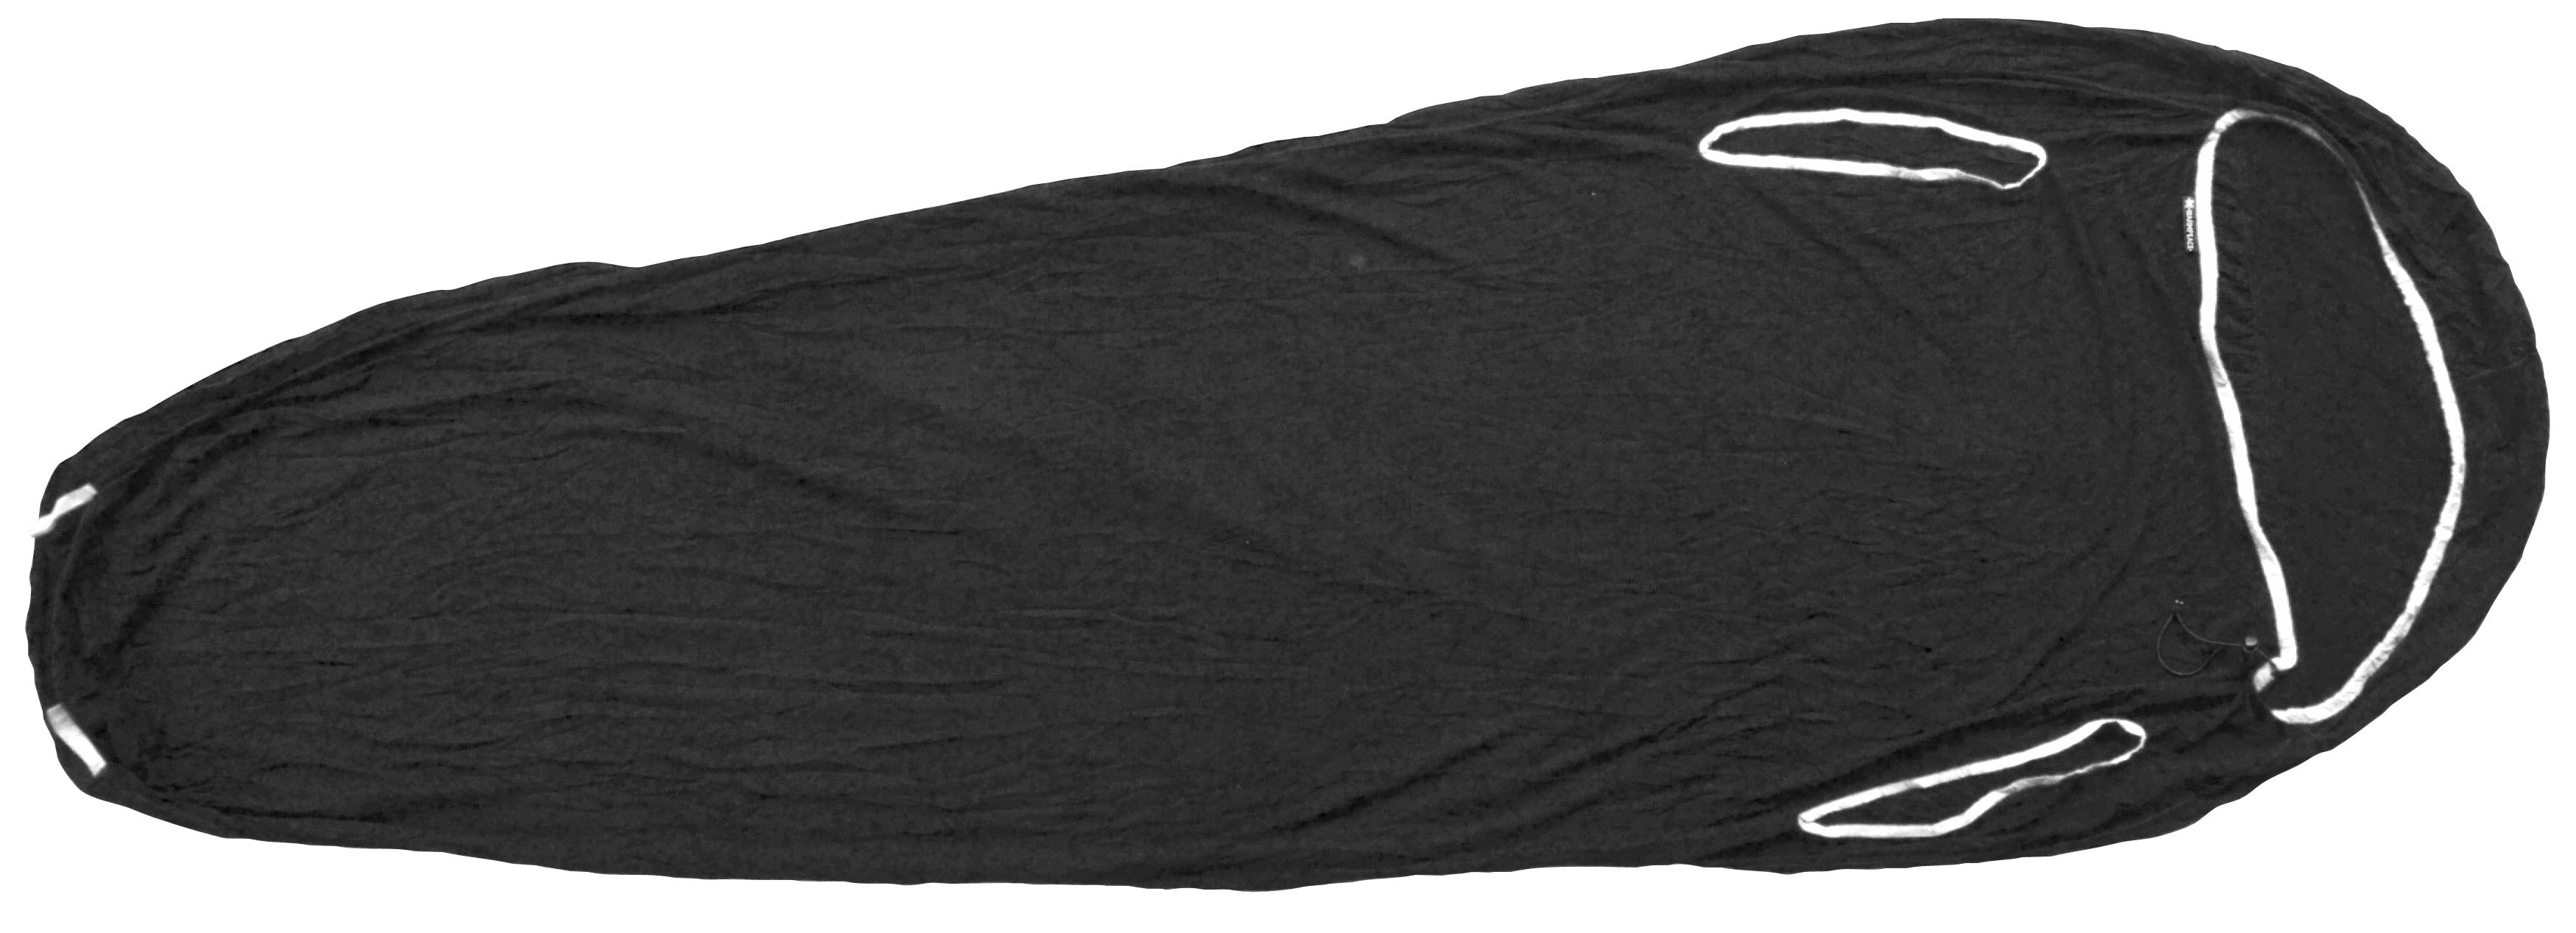 Warmpeace vložka do spacáku MERINO CAPILAR INLET Velikost: 180cm